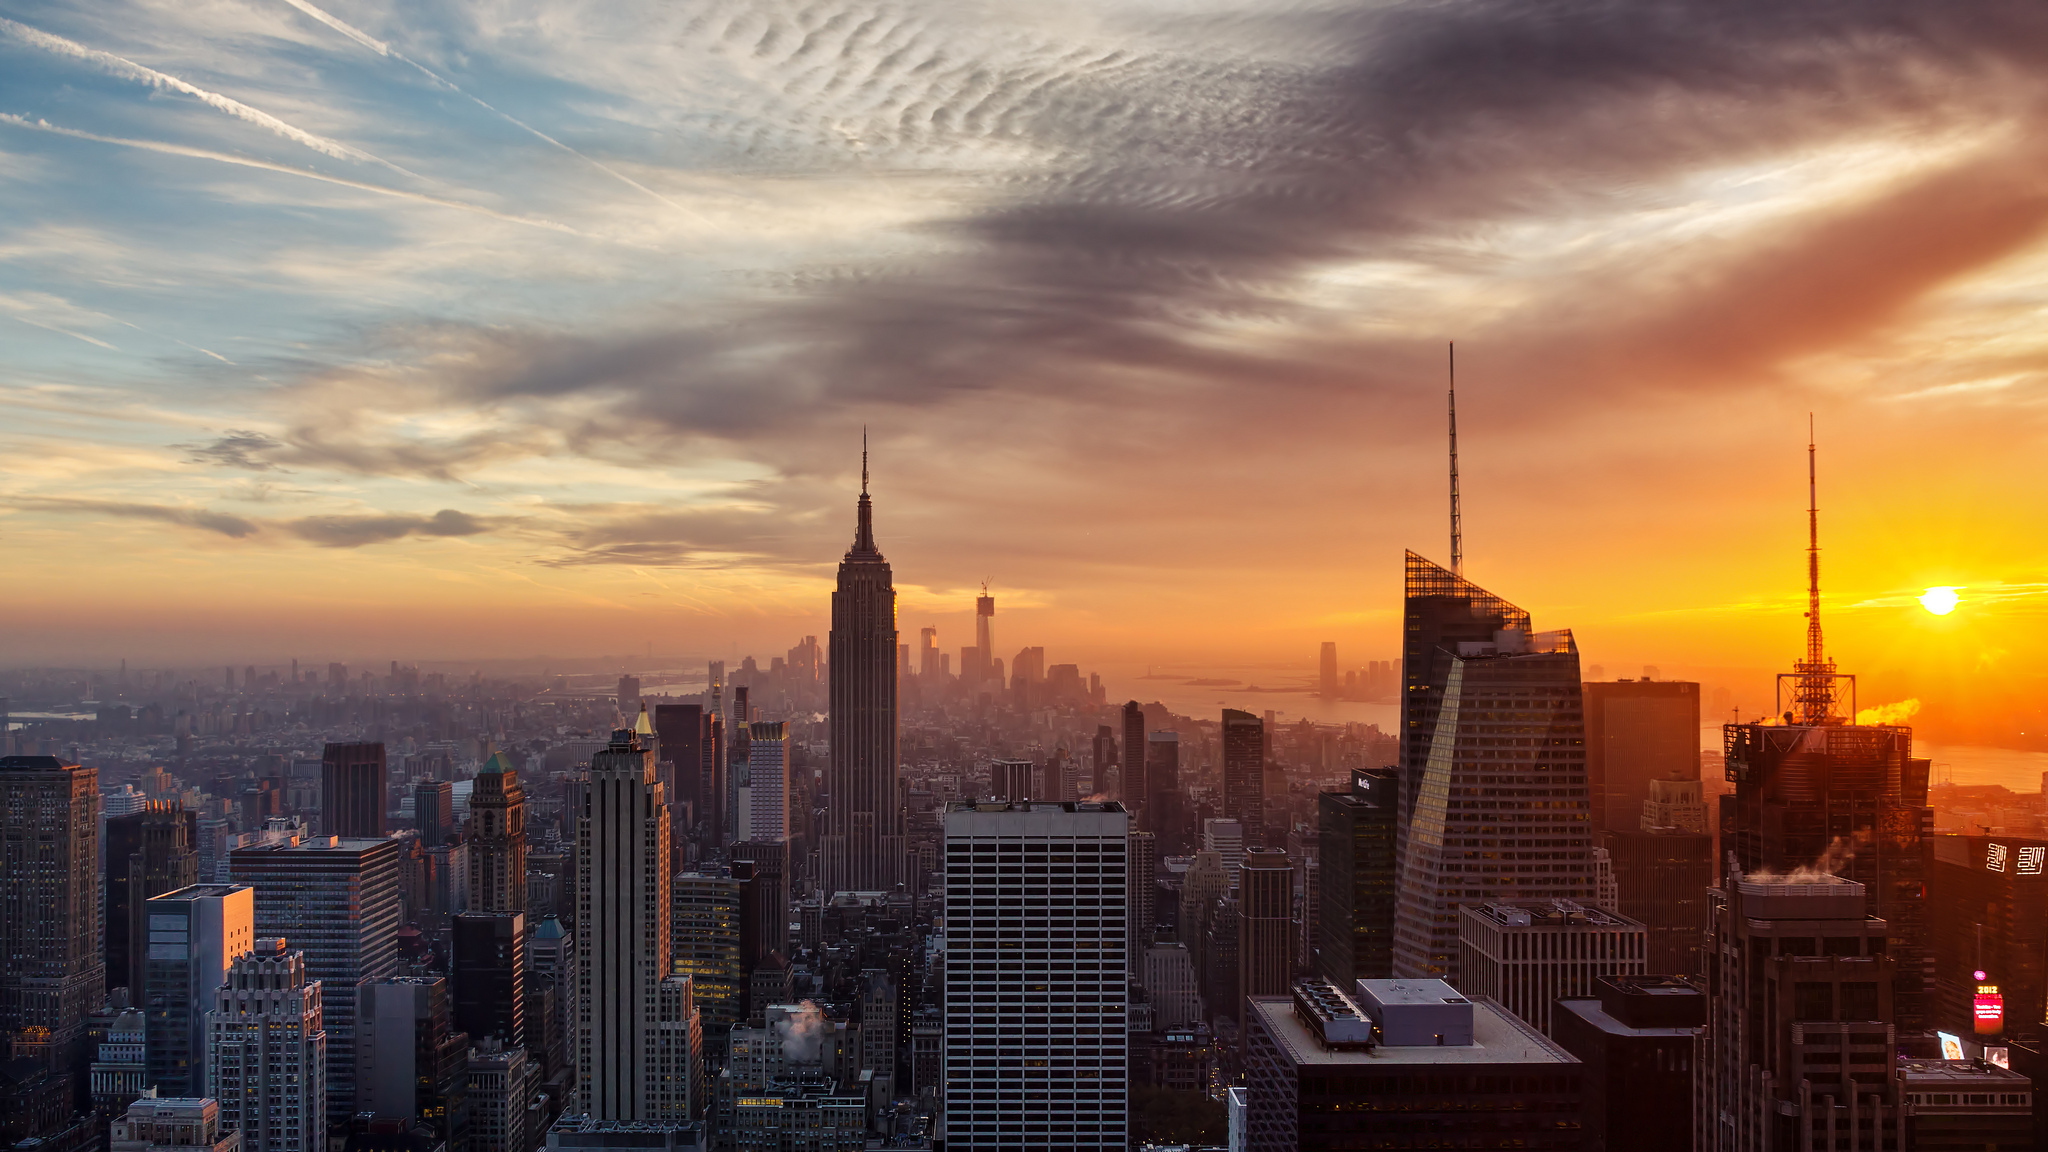 New York City Wallpaper Sunset wallpaper wallpaper hd background 2048x1152